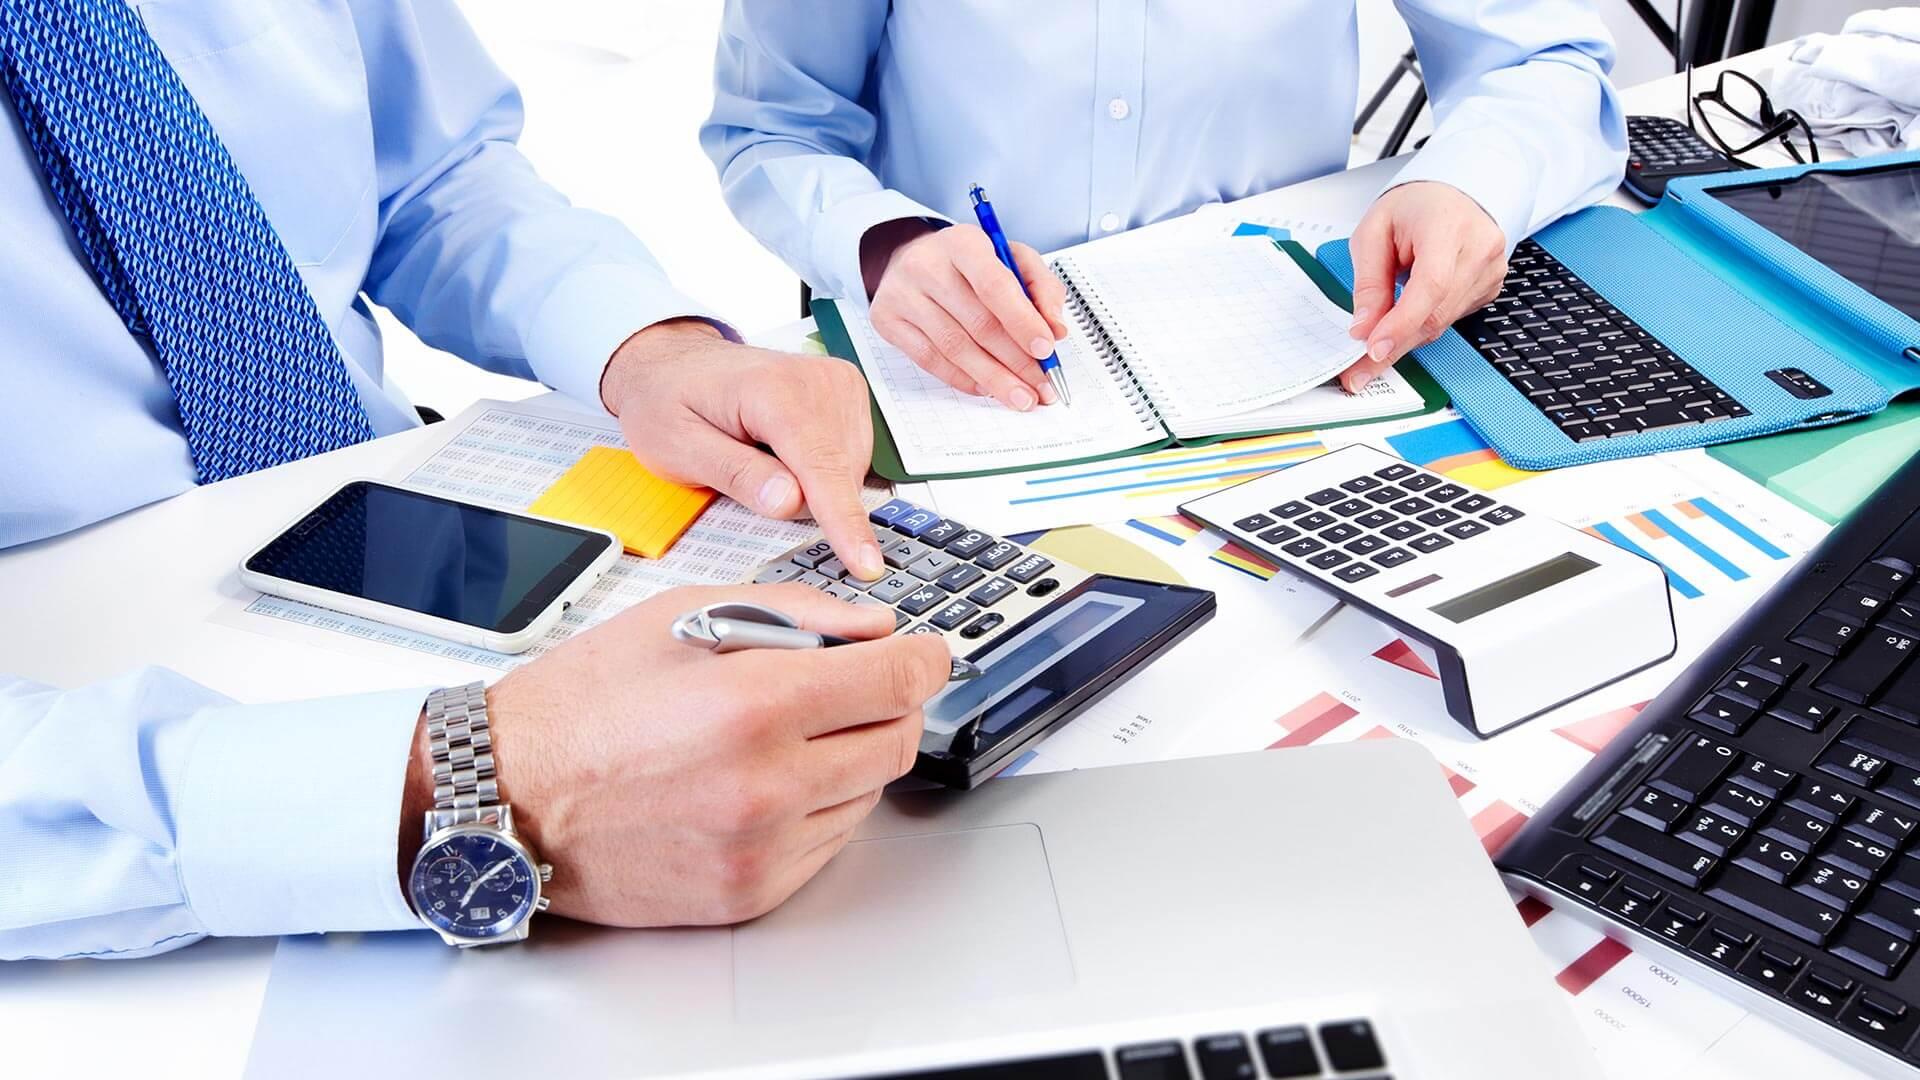 Бухгалтерское сопровождение фирм бухгалтерские услуги импорт